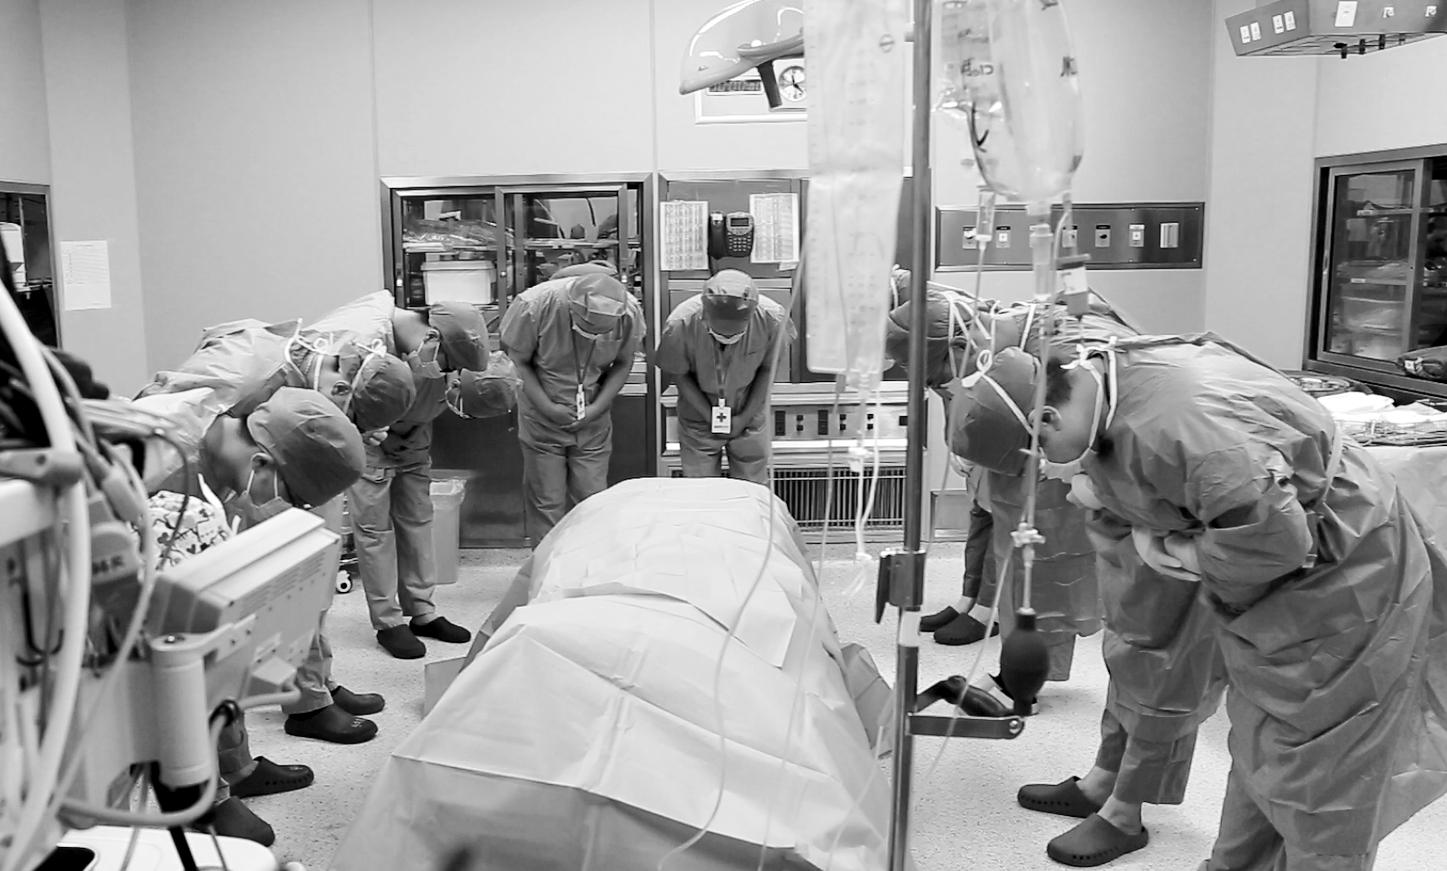 27岁医师突发脑意外离世,家人决定捐献器官挽救五名危重症患者生命